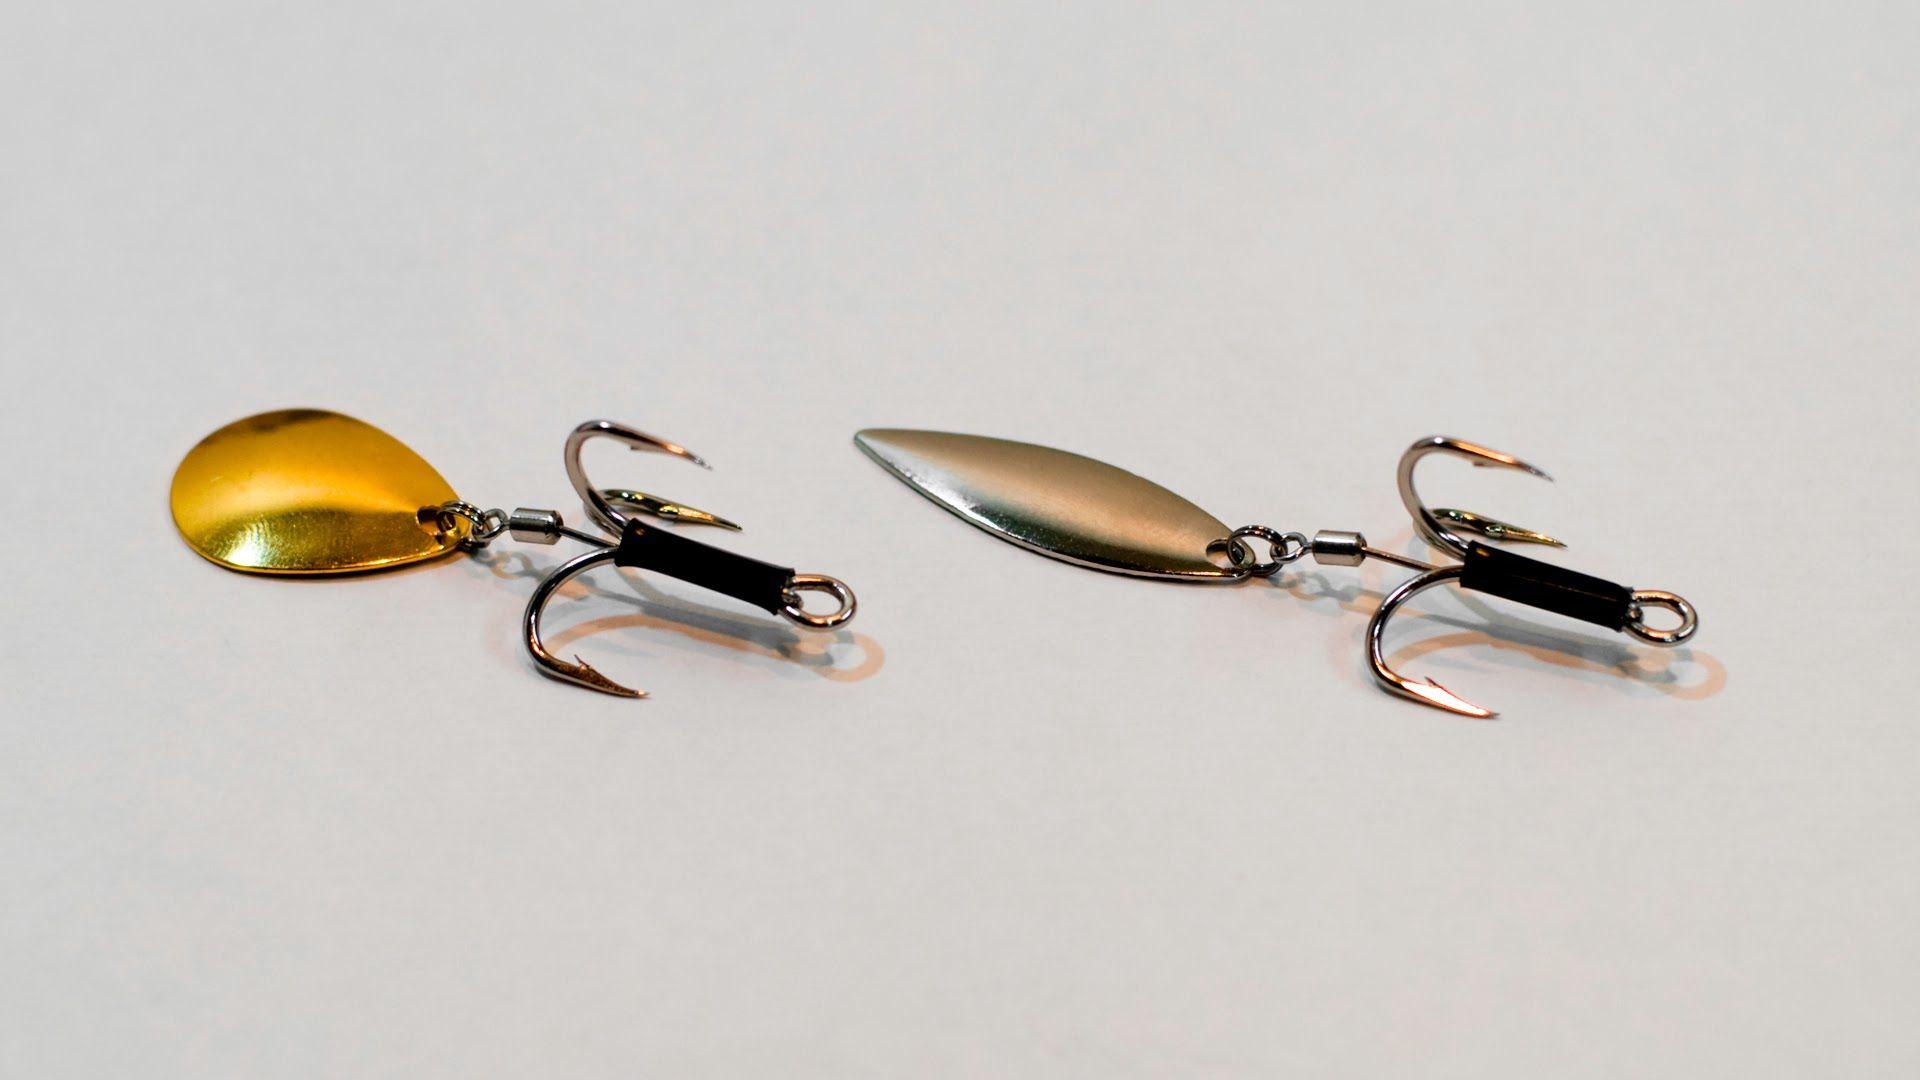 ボード Lure Fishing のピン